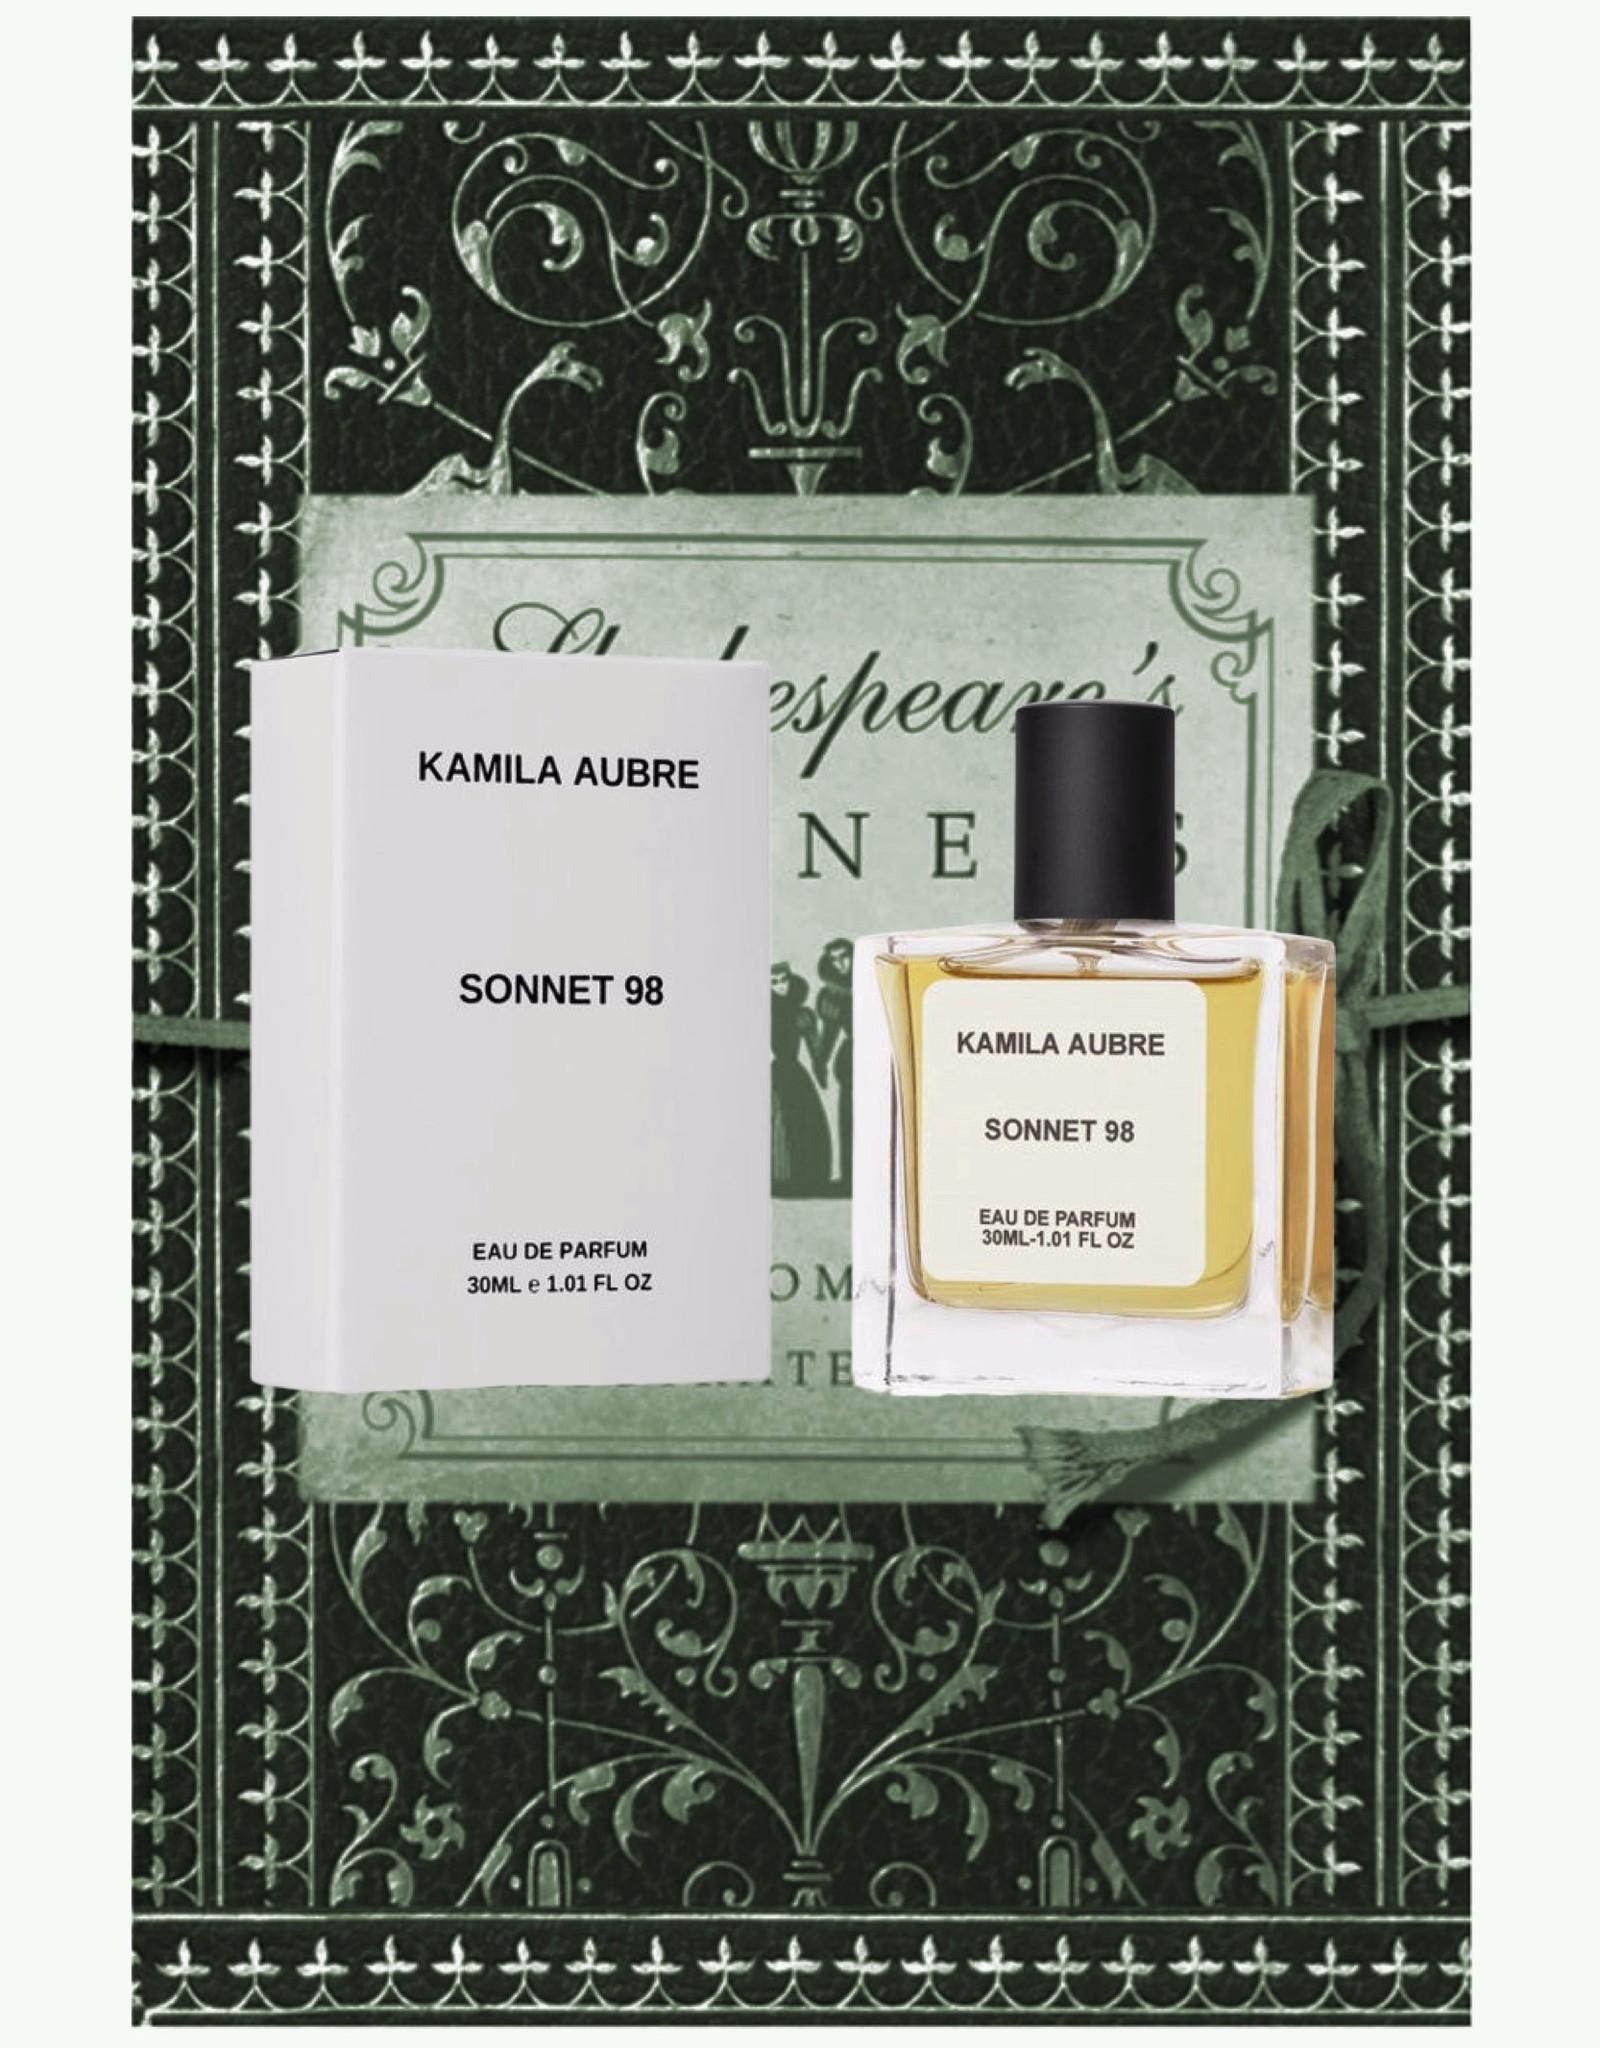 Kamila Aubre Kamila Aubre - Sonnet 98 - Eau de Parfum